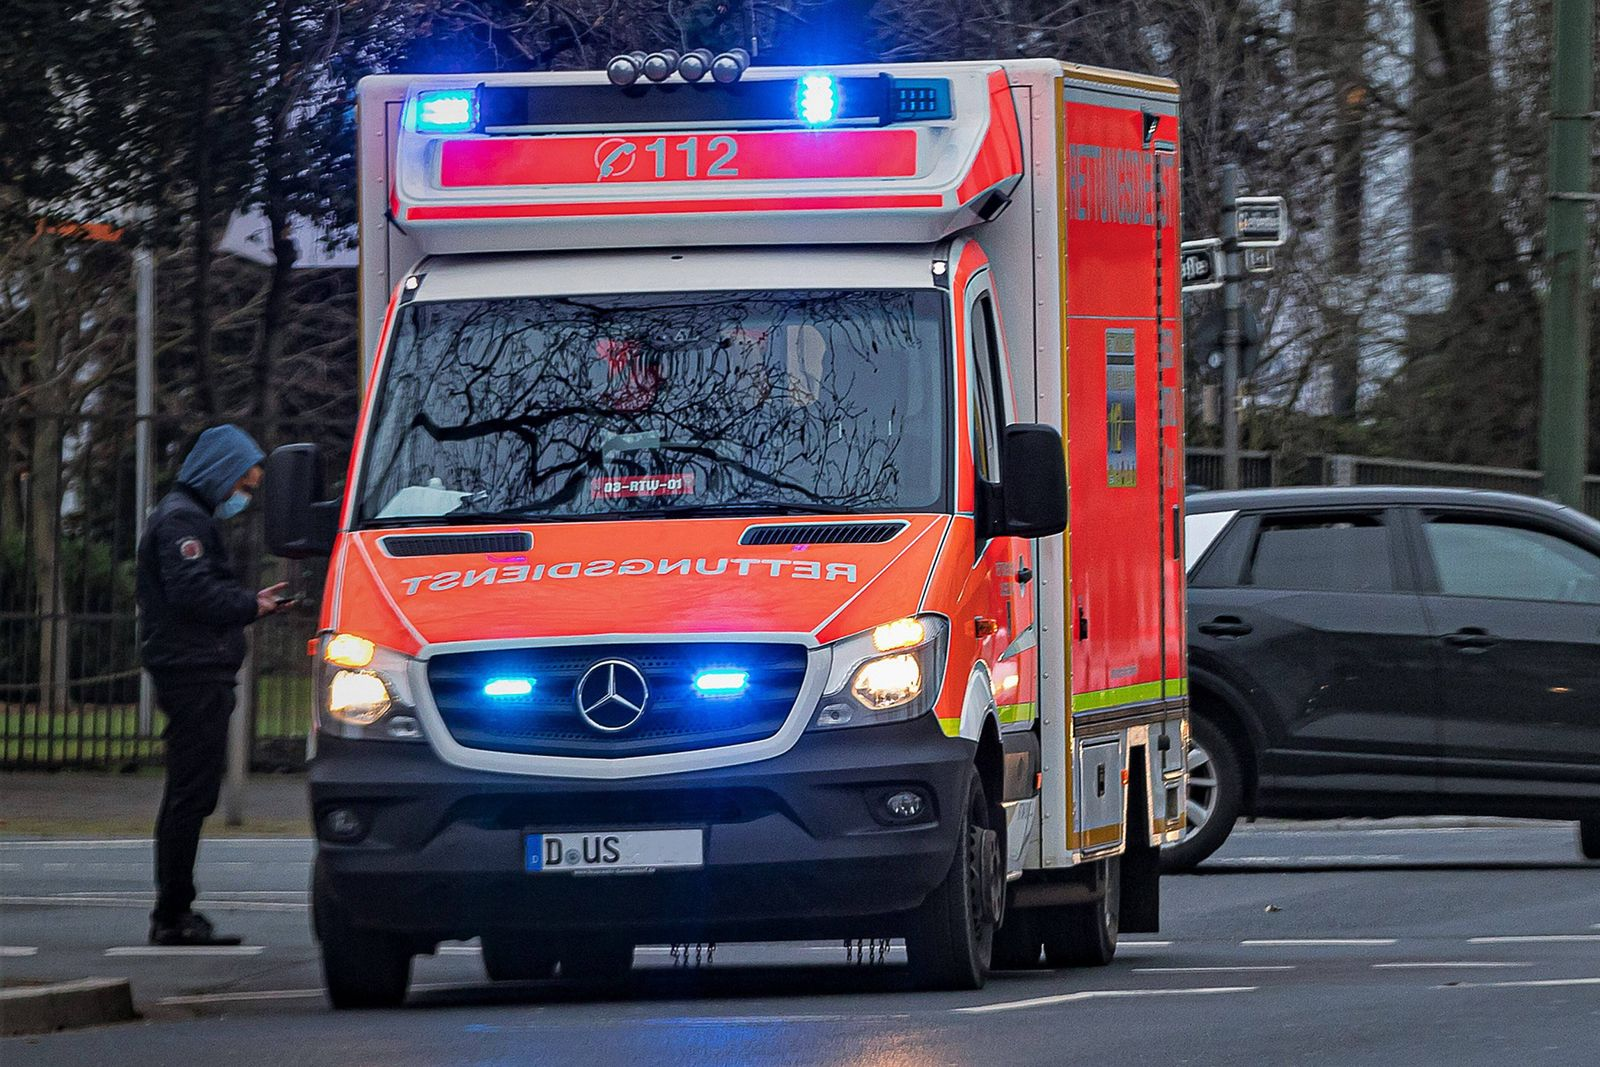 Duesseldorf, Deutschland 20. Januar 2021: Ein RTW, Rettungswagen bei einem Einsatz auf der Cecilienallee in Düsseldorf.